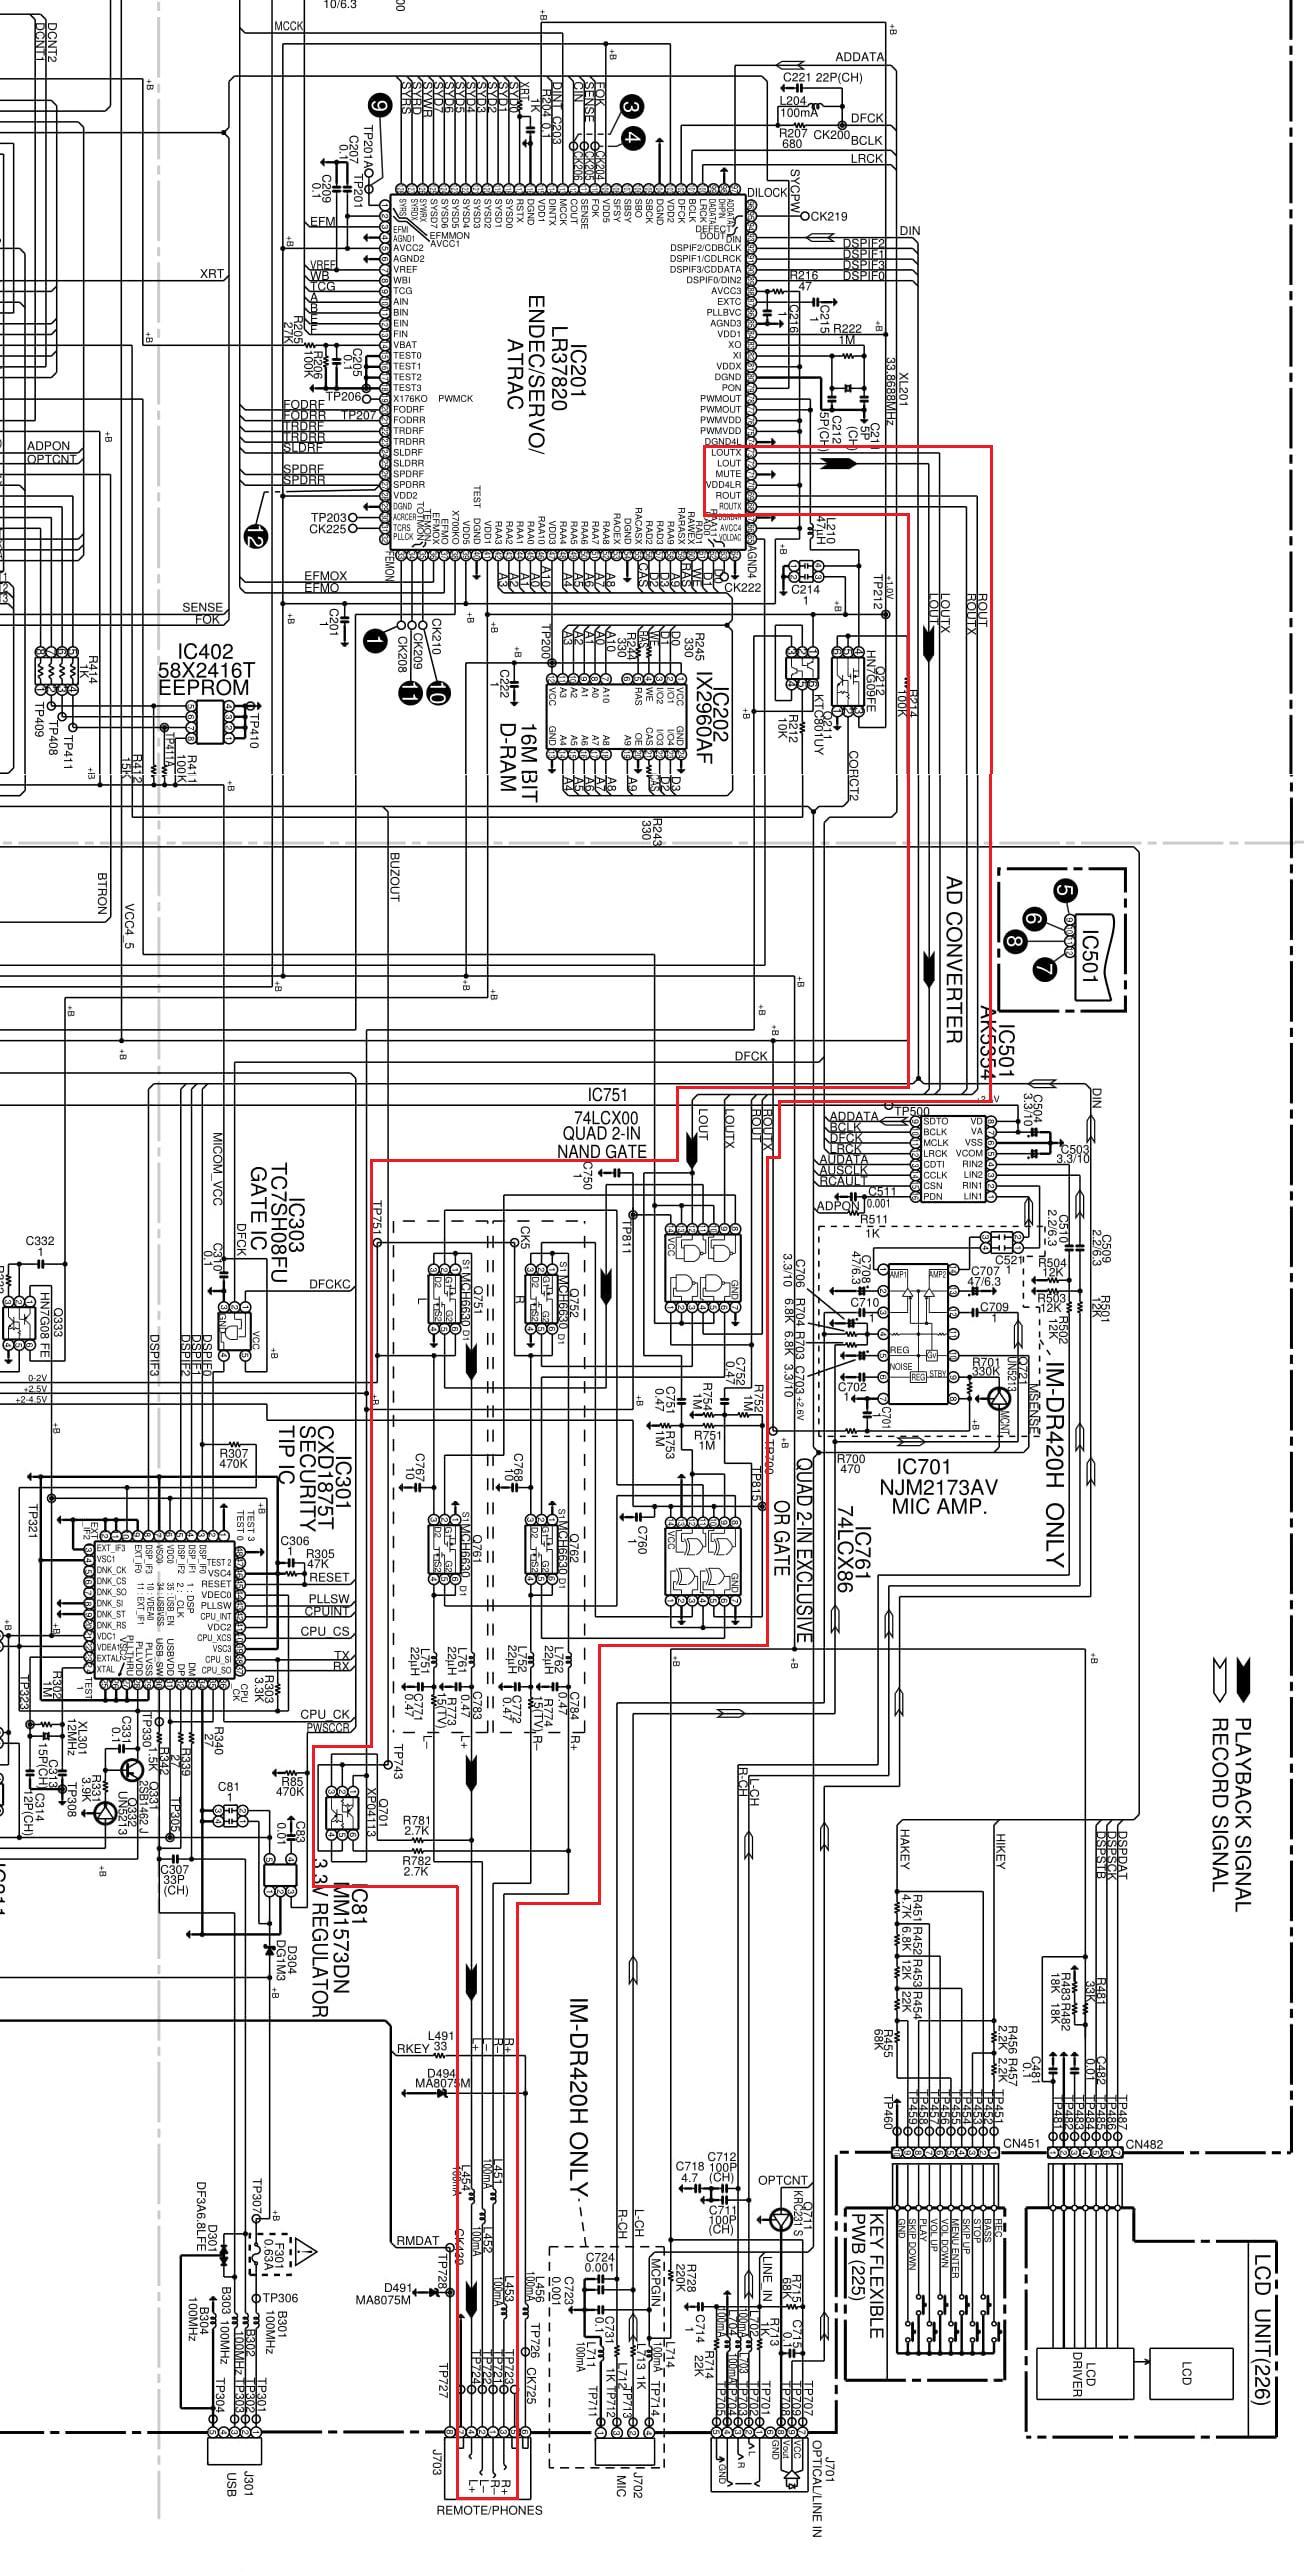 define schematic diagram